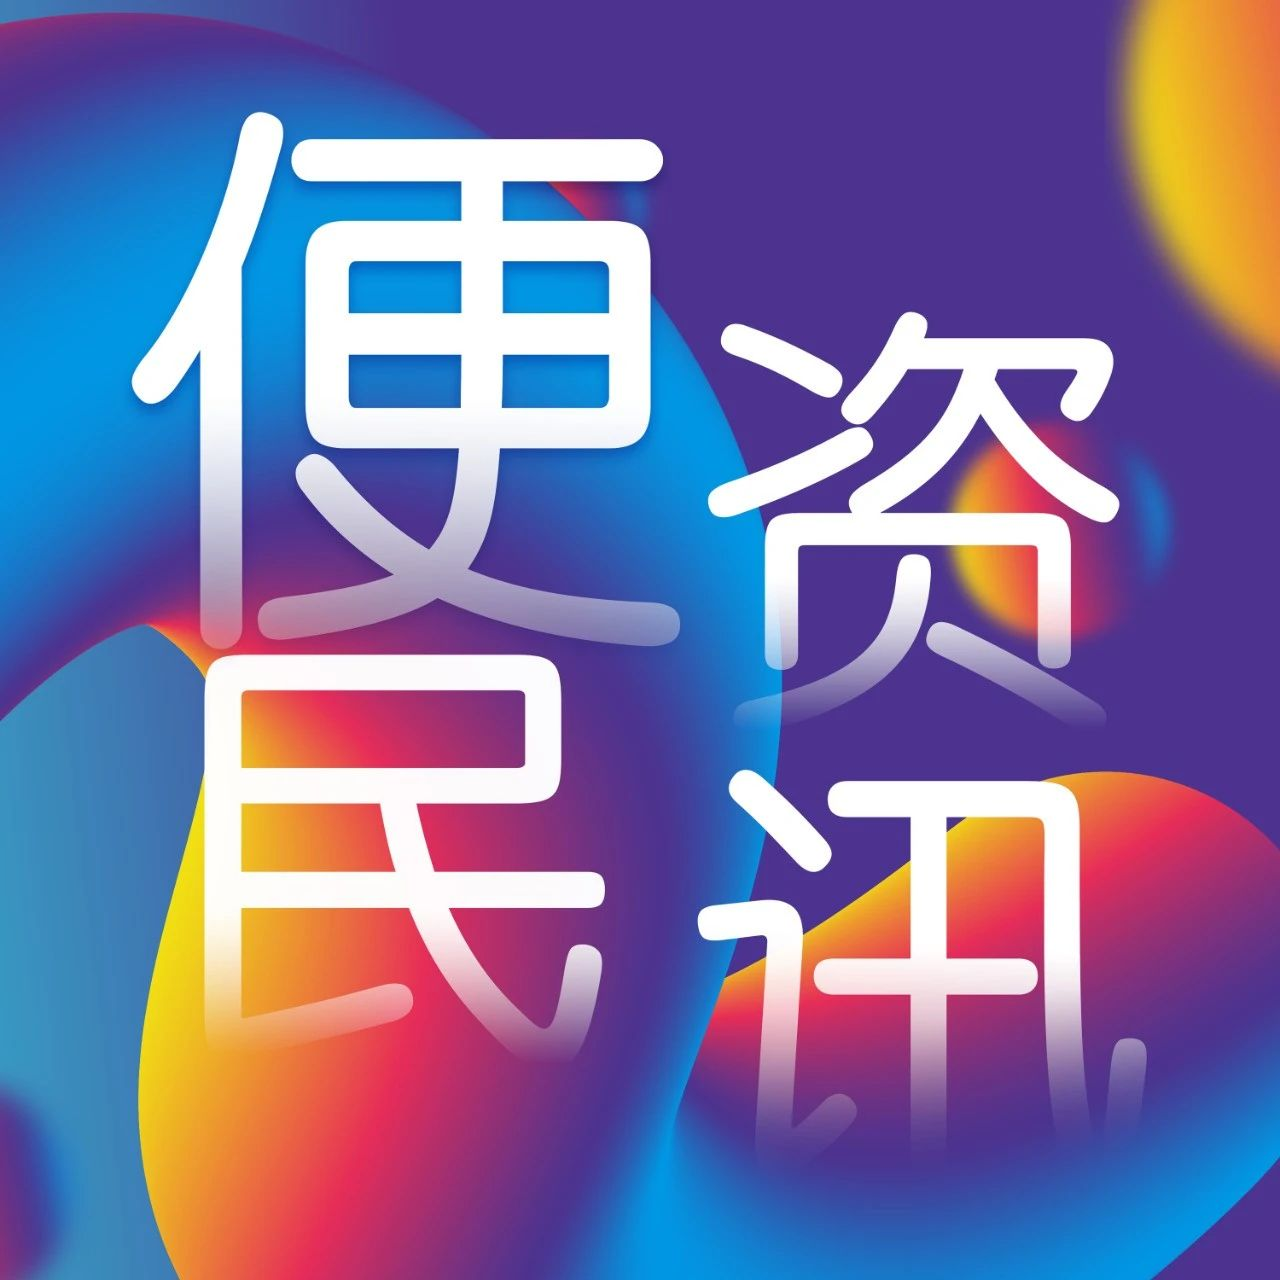 【便民资讯】国家电投内蒙古能源有限公司鄂尔多斯能源项目筹建处2020年招聘、包头市青山区公开招募 160人、便民信息